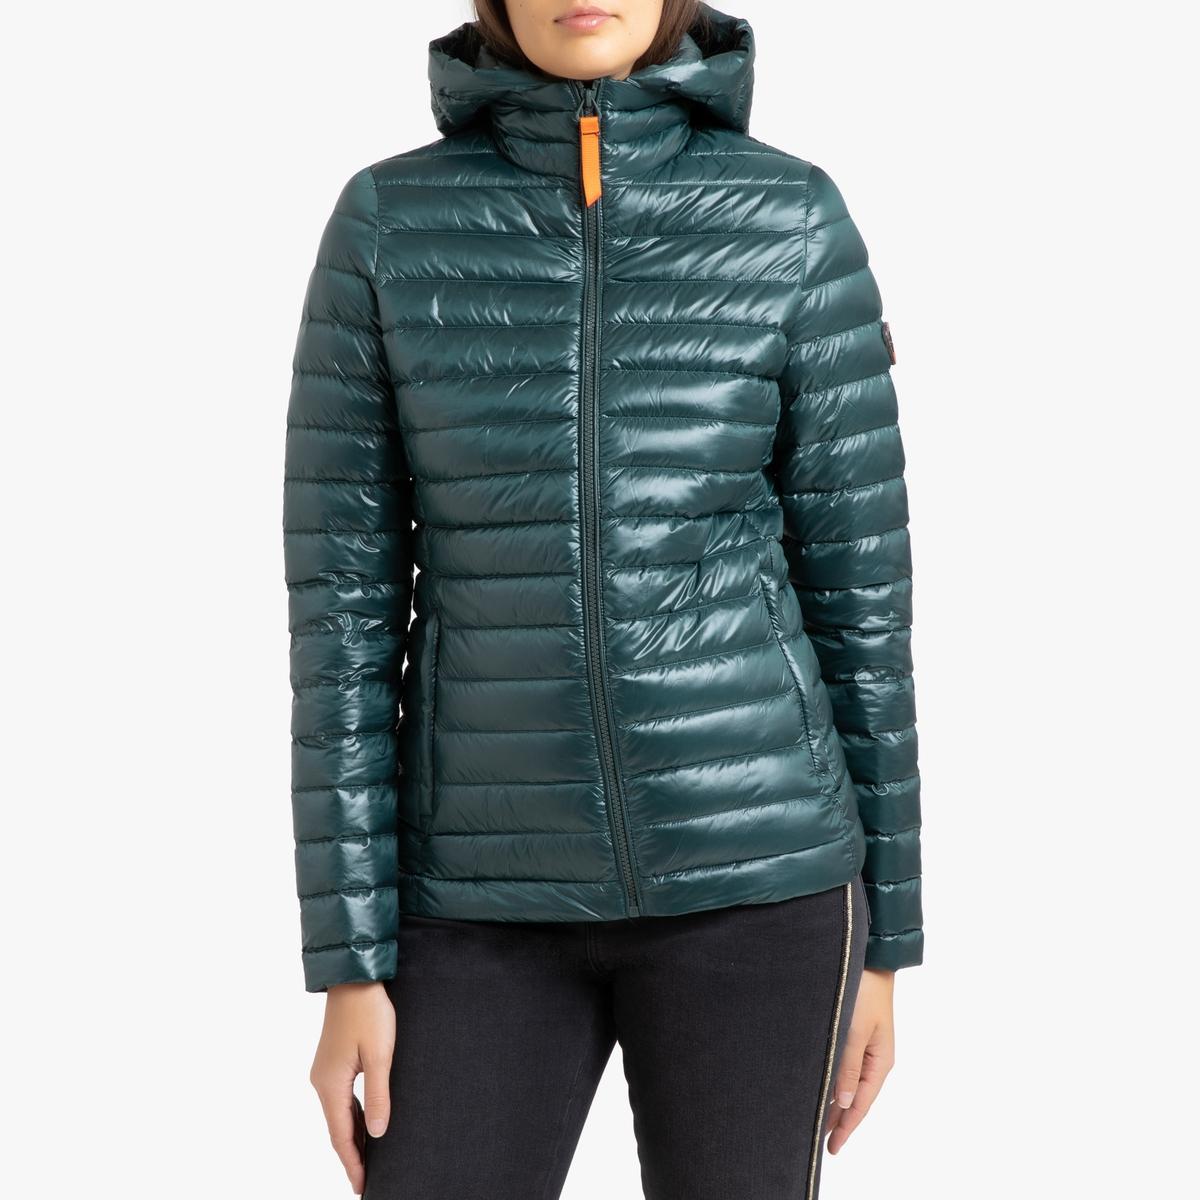 цена Куртка La Redoute Стеганая короткая с капюшоном FRANCINE SHINY 3(L) зеленый в интернет-магазинах